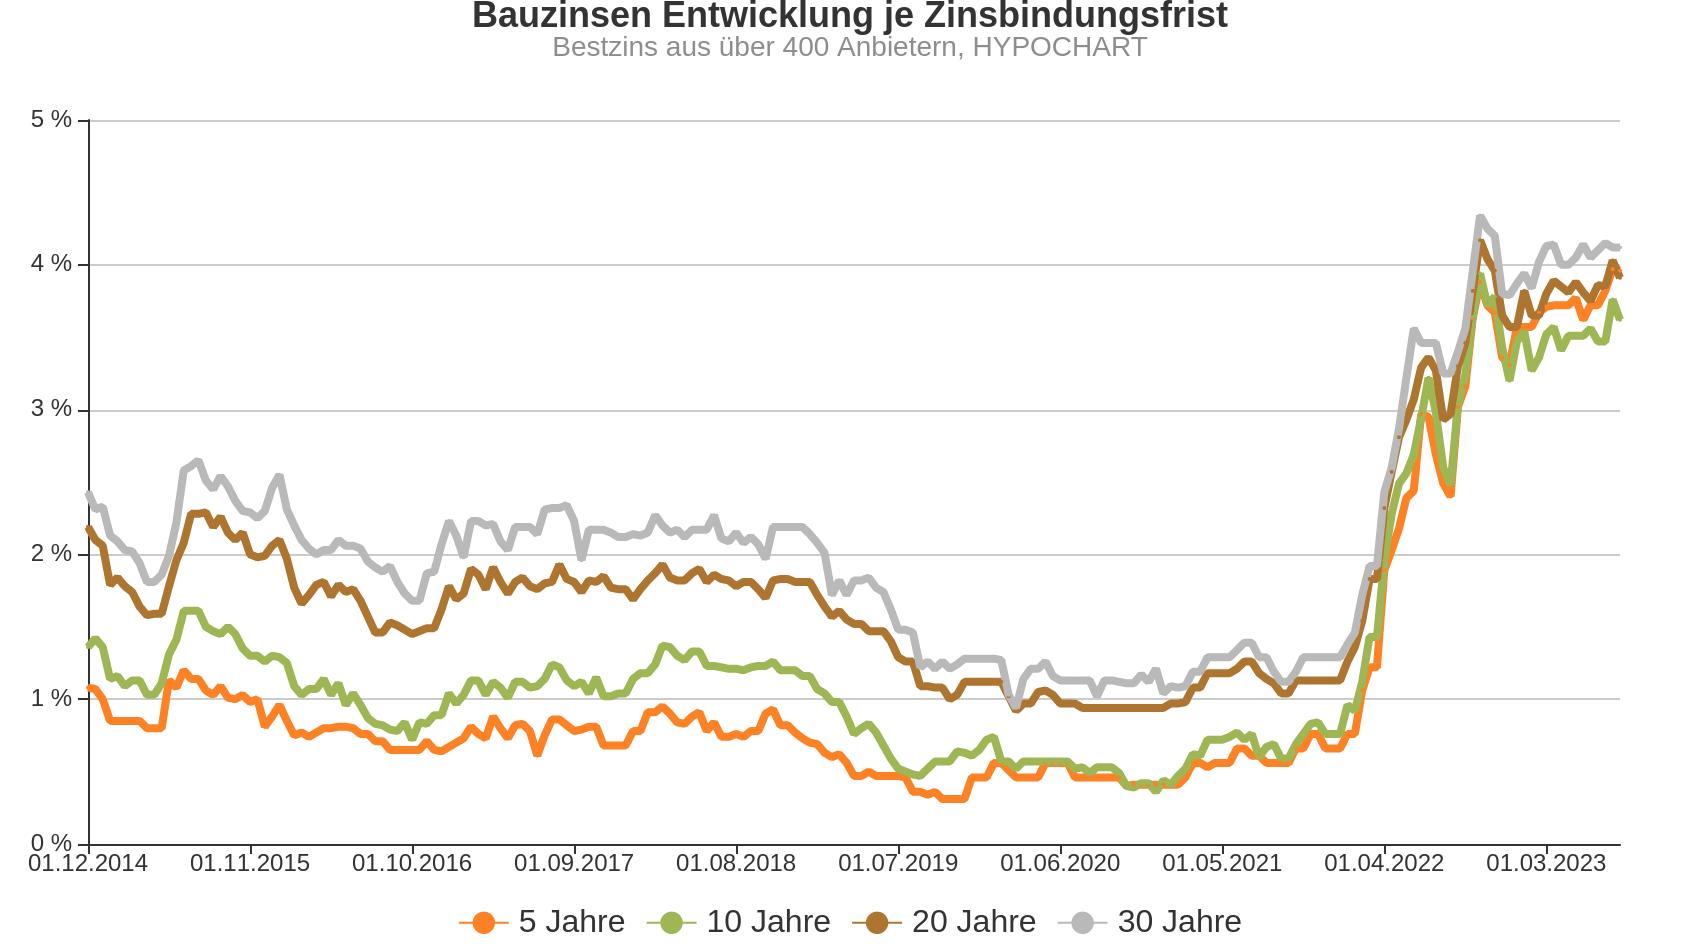 Chart zur Entwicklung von Bauzinsen